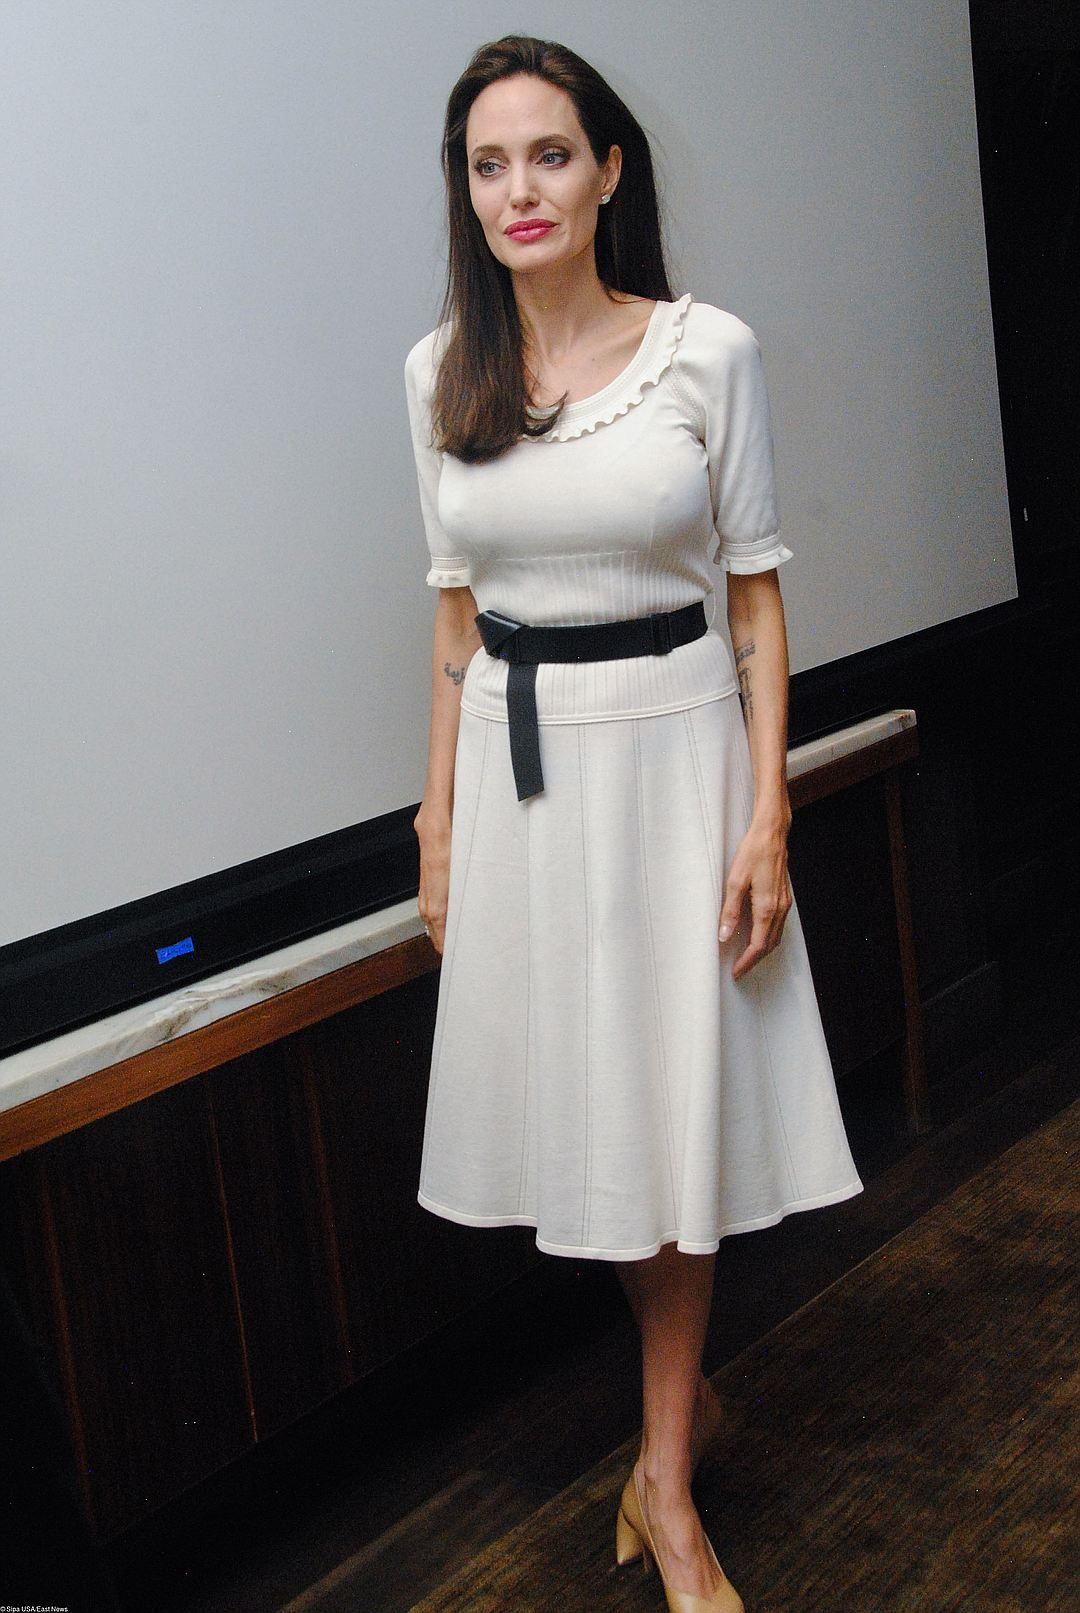 Анджеліна Джолі шокувала худорлявістю і вульгарним образом - фото 336652